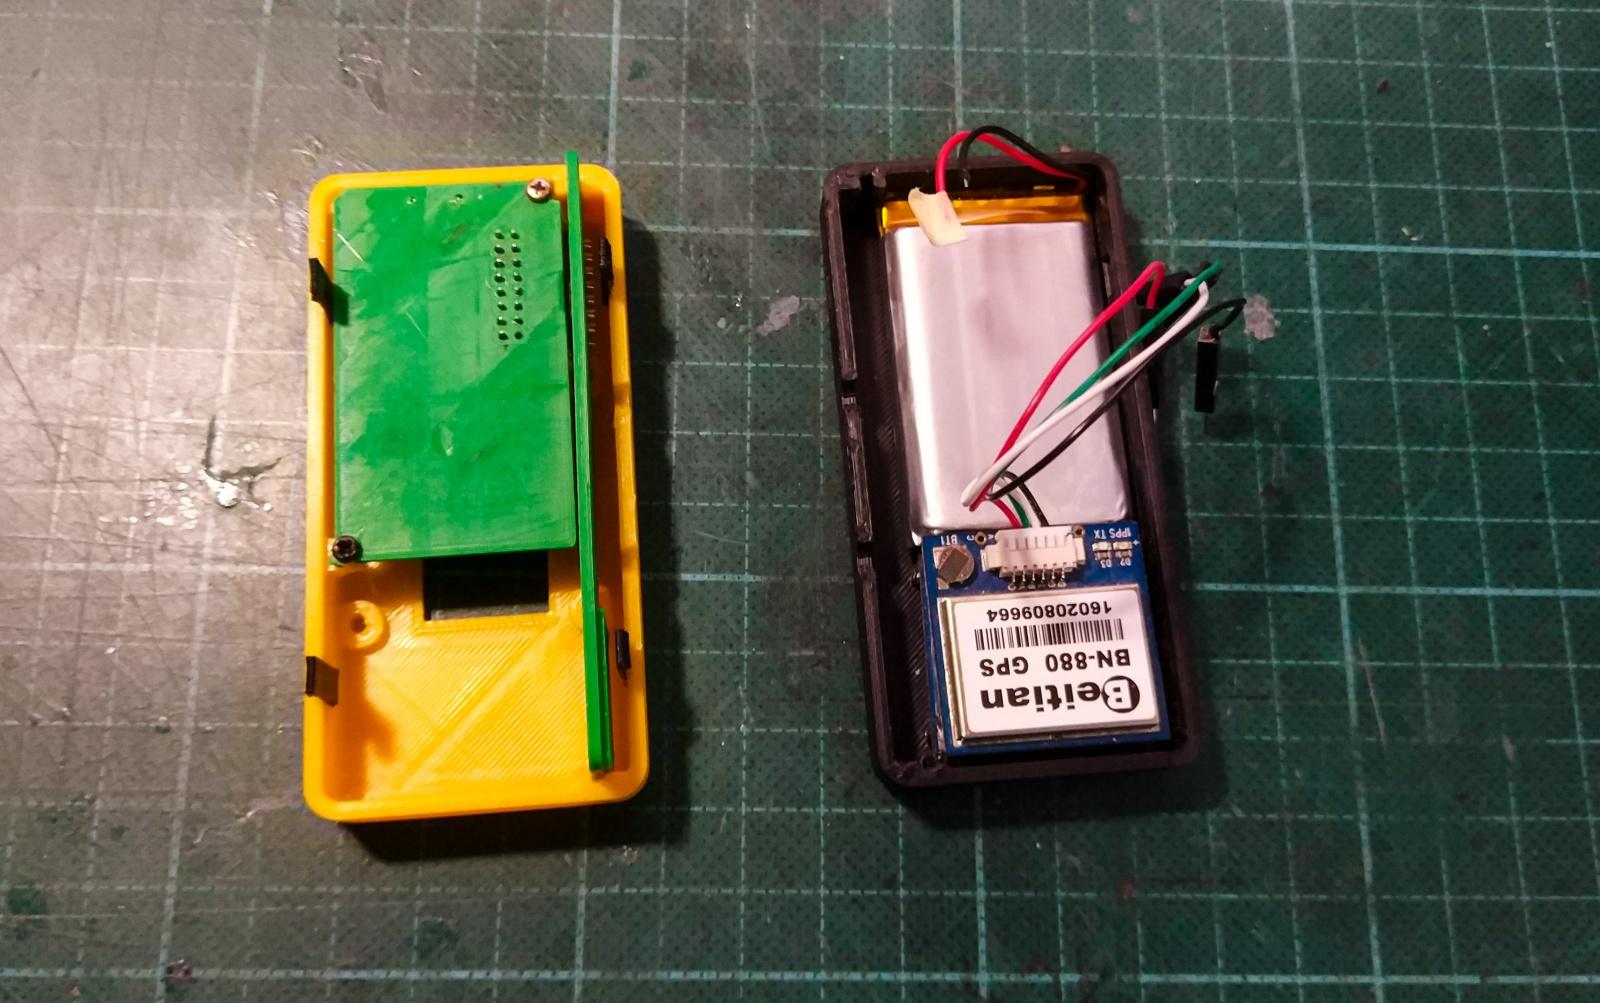 КПК (Карманный Путевой Компьютер): Схемотехника GPS логгера - 5